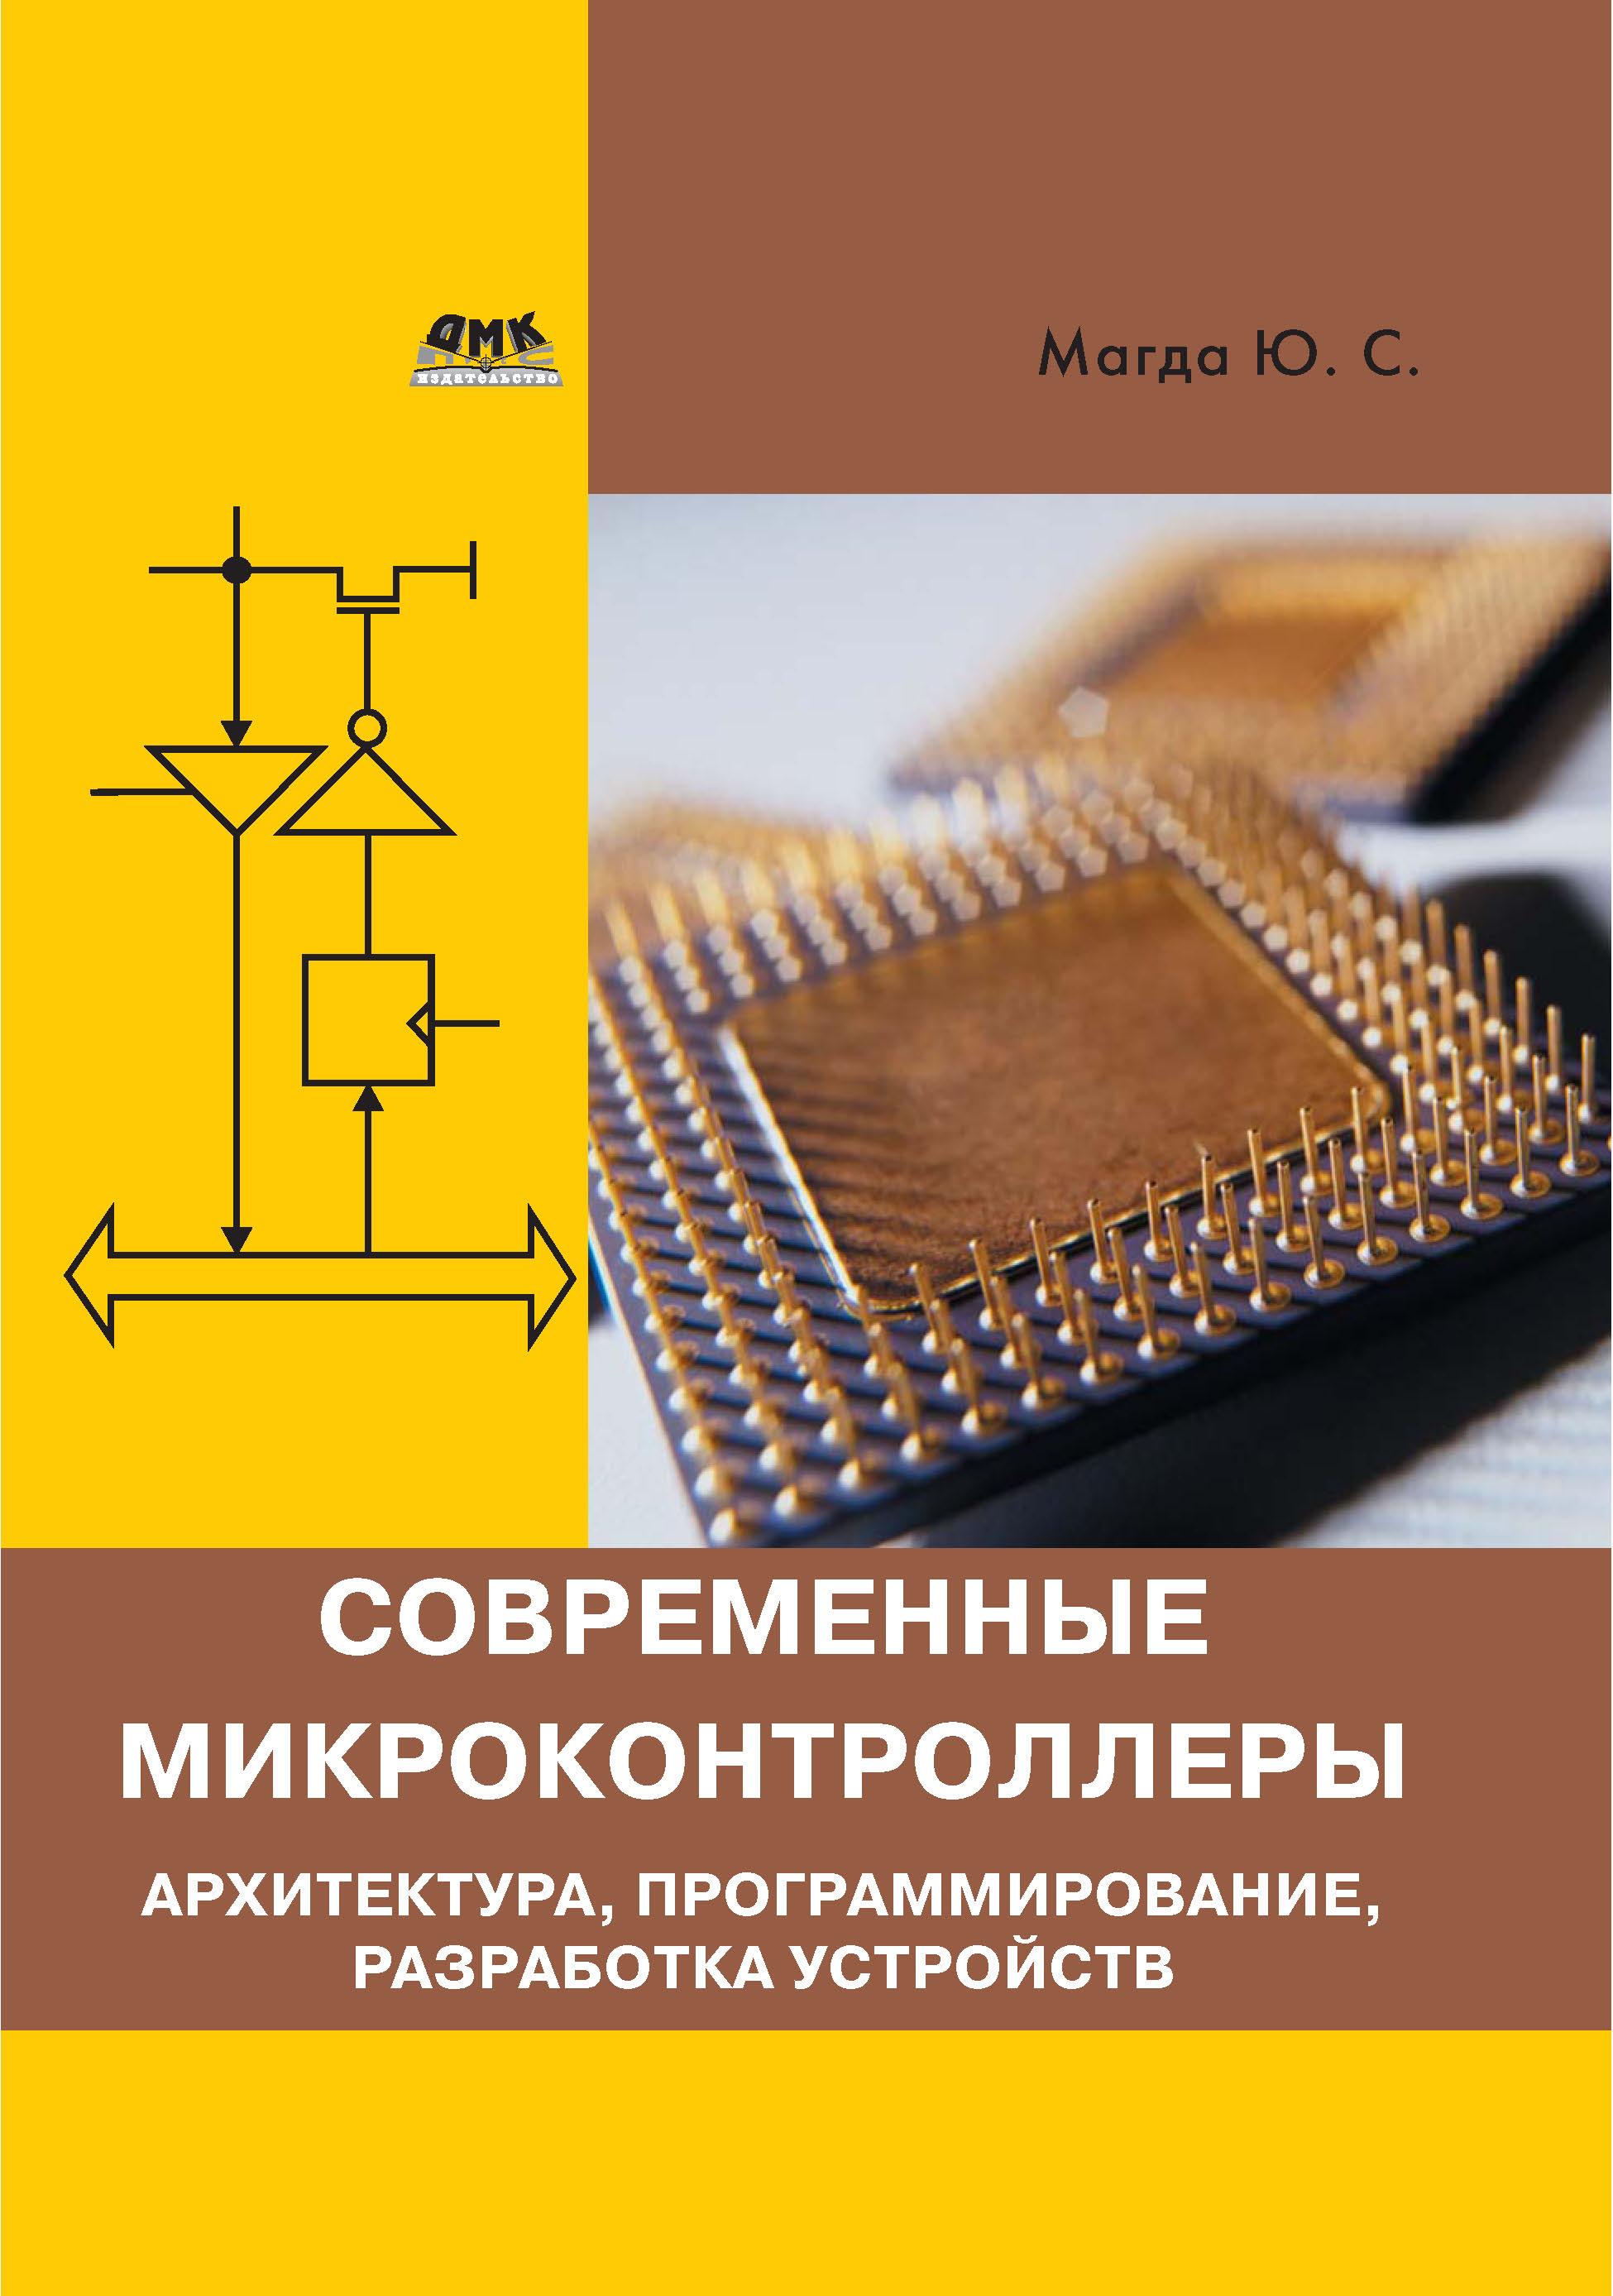 Современные микроконтроллеры. Архитектура, программирование, разработка устройств